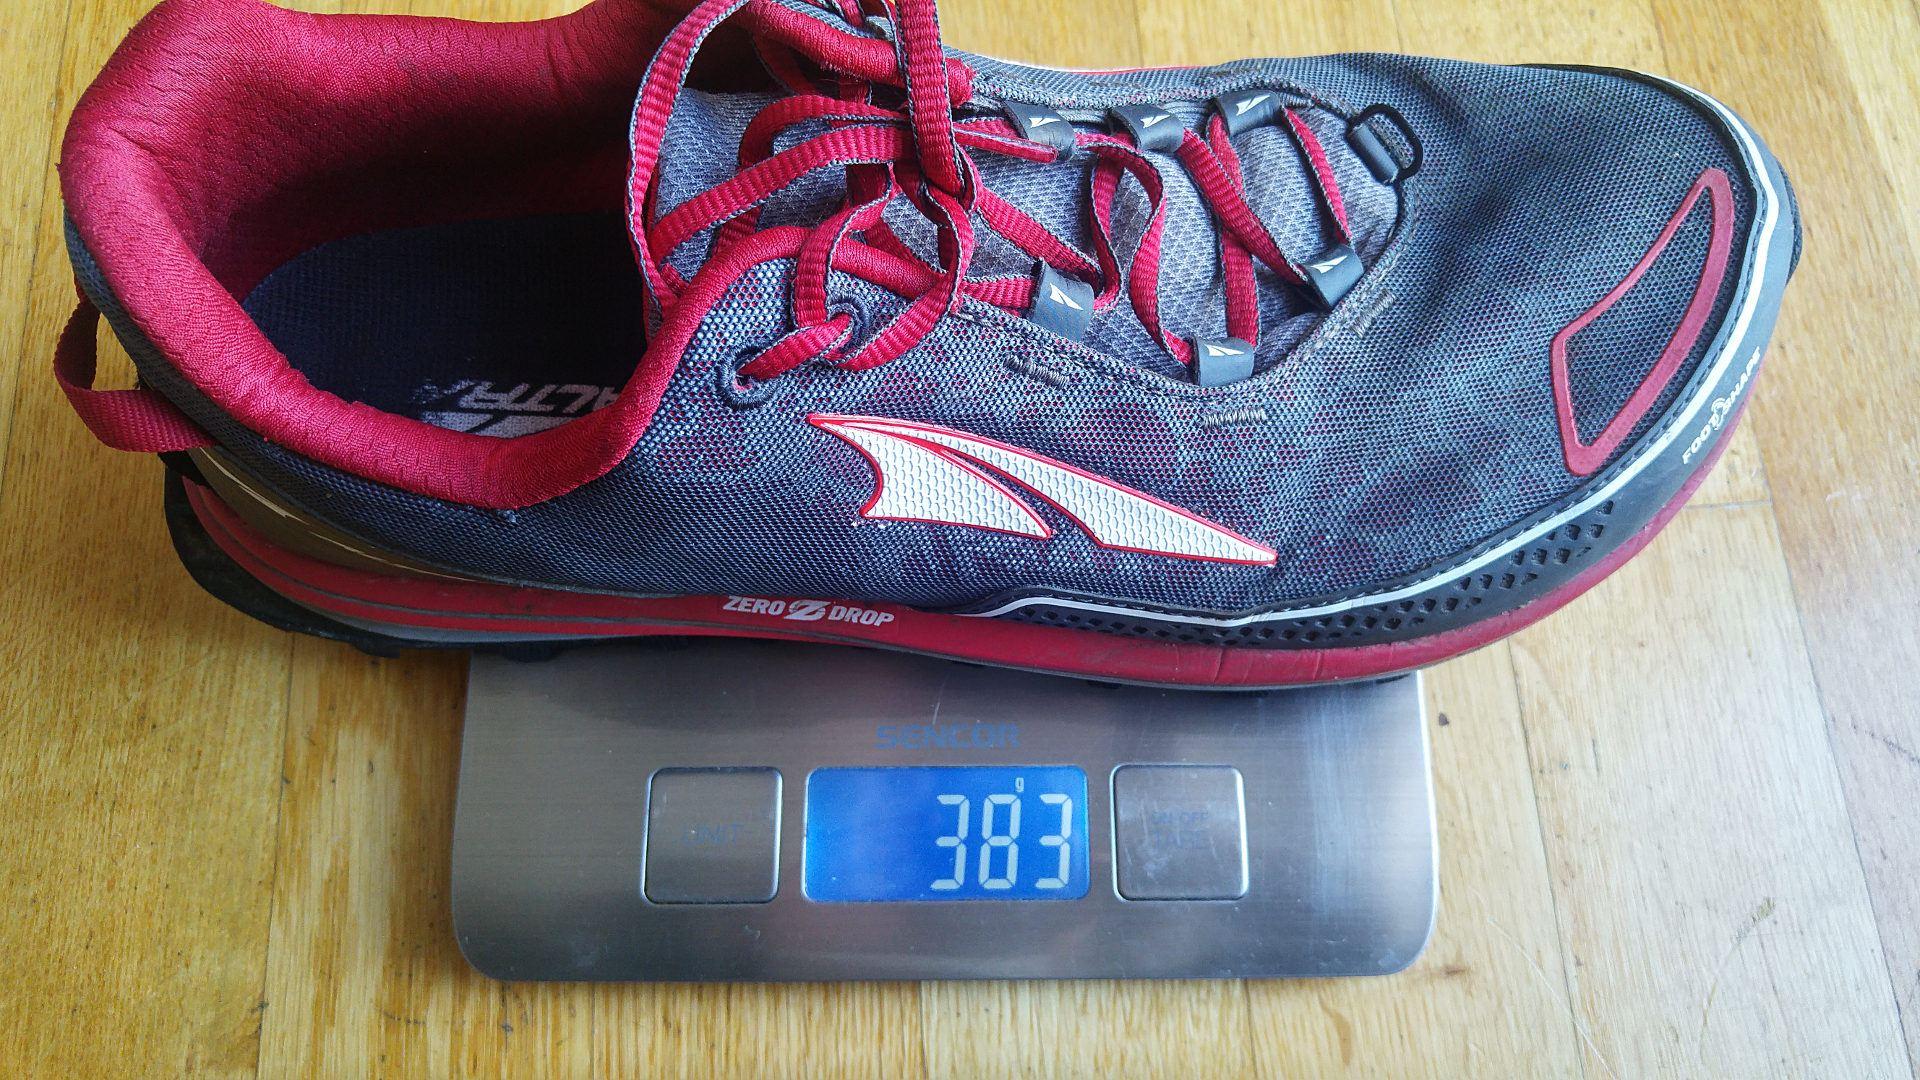 Timpy to blisko 400 gramów wagi - kawał buciora